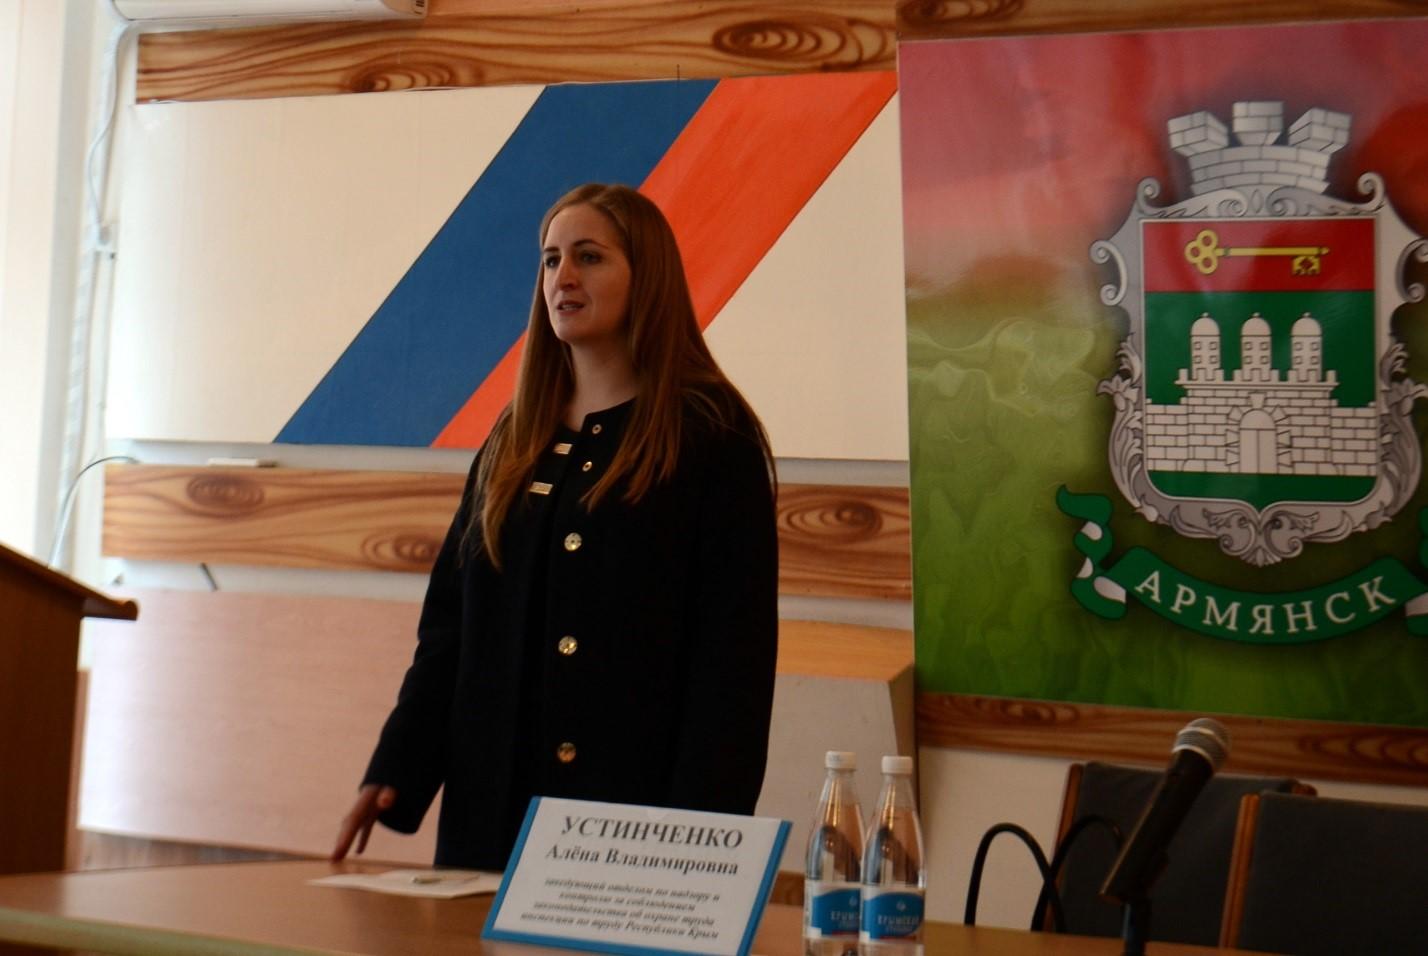 Проведение выездного семинара с хозяйственным и административным активом города Армянска